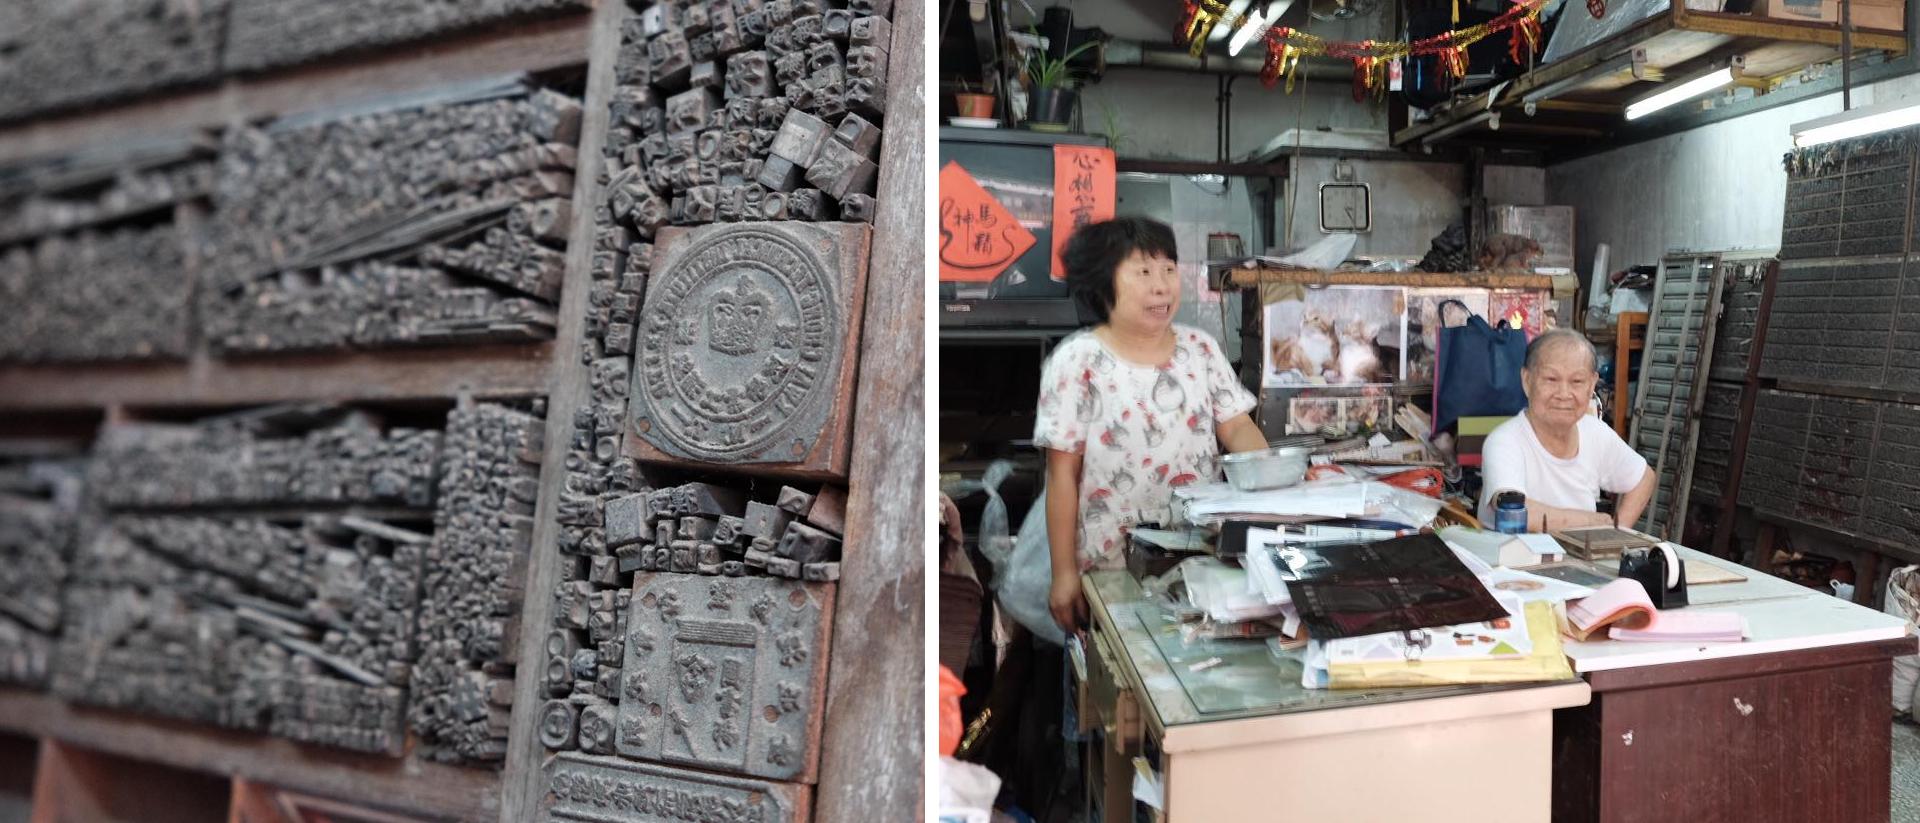 導賞路線亦包括陳文雕刻、周記雜貨醬料及源利棧五金鎖類雜貨店等小店。